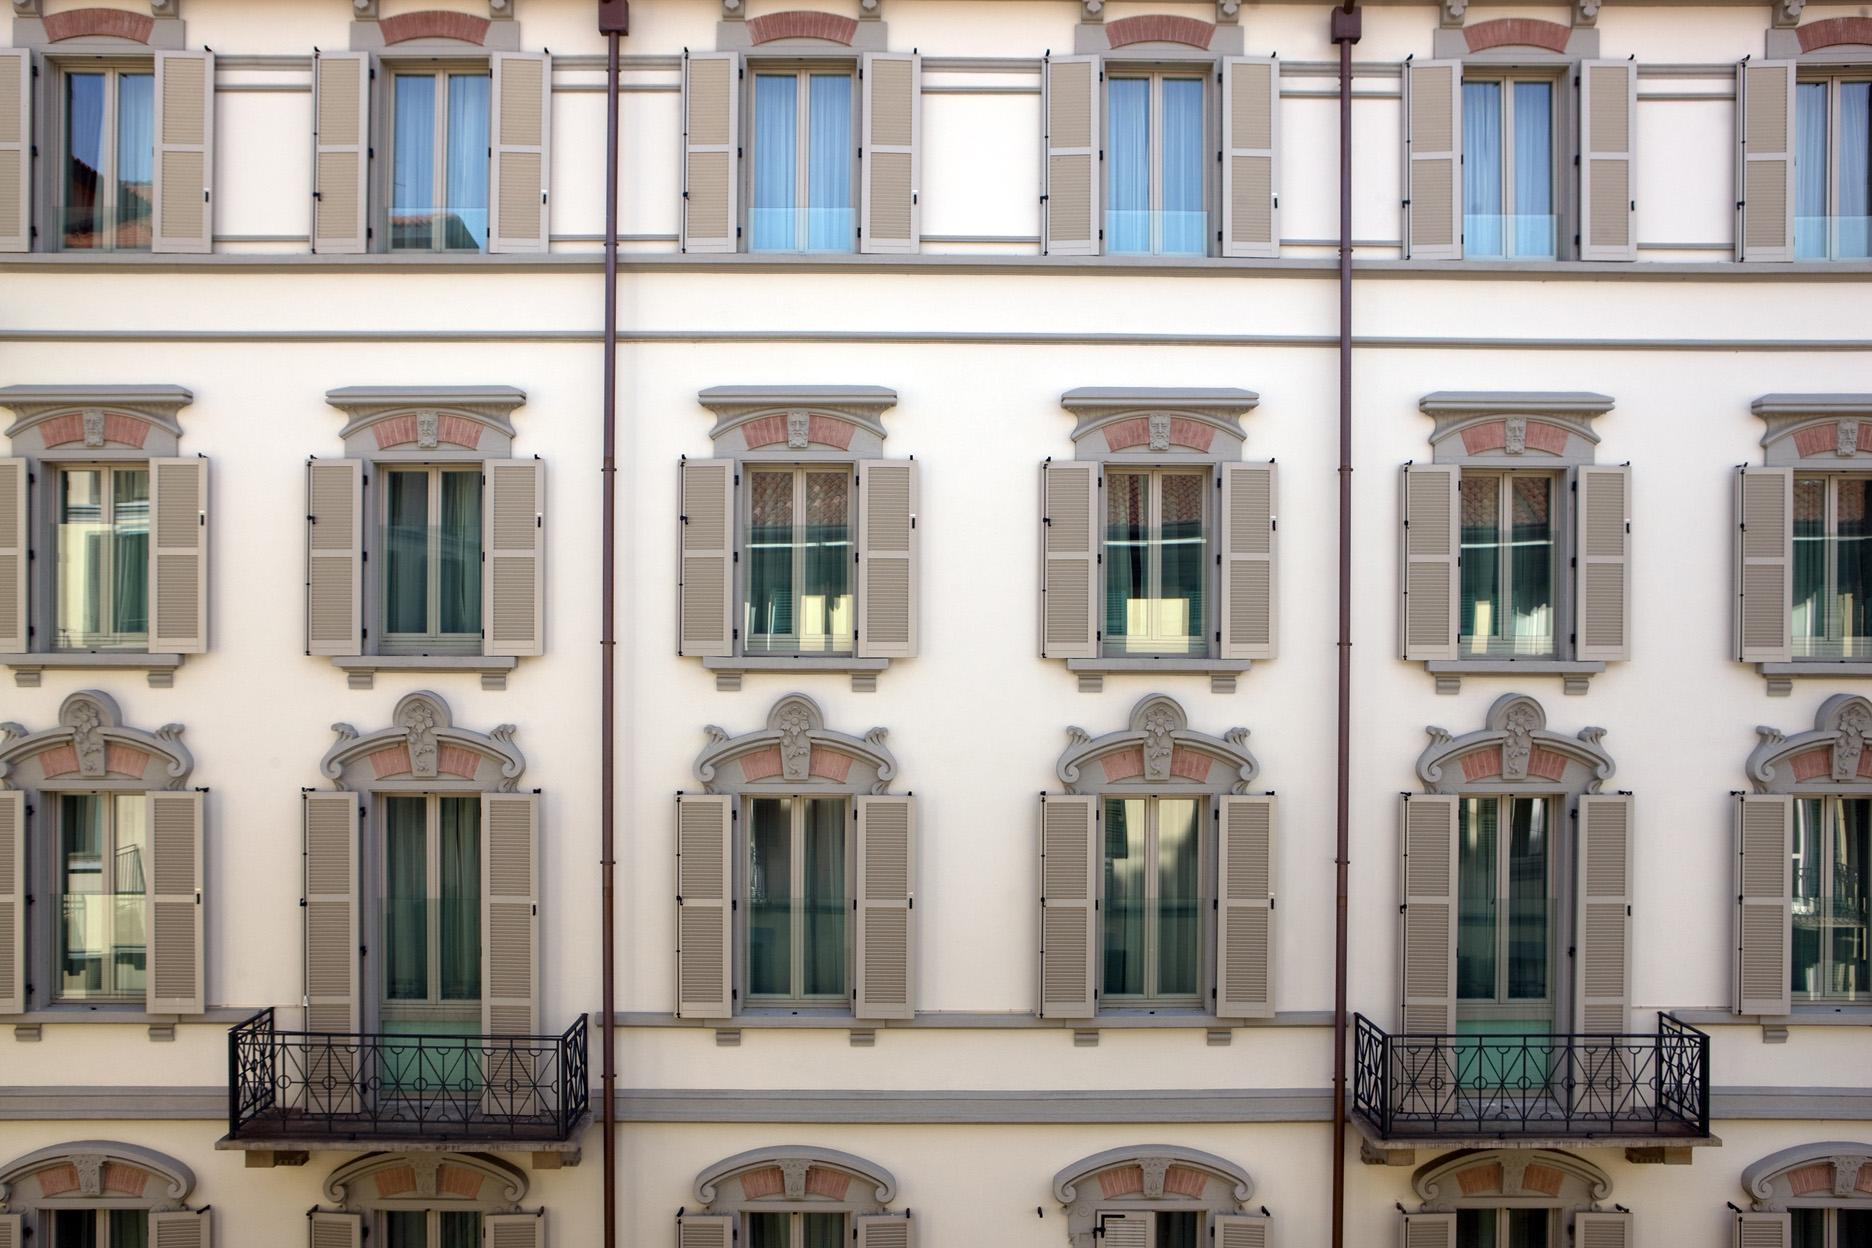 Hotel milano scala un nuovo indirizzo di charme situato for Hotel nuovo milano